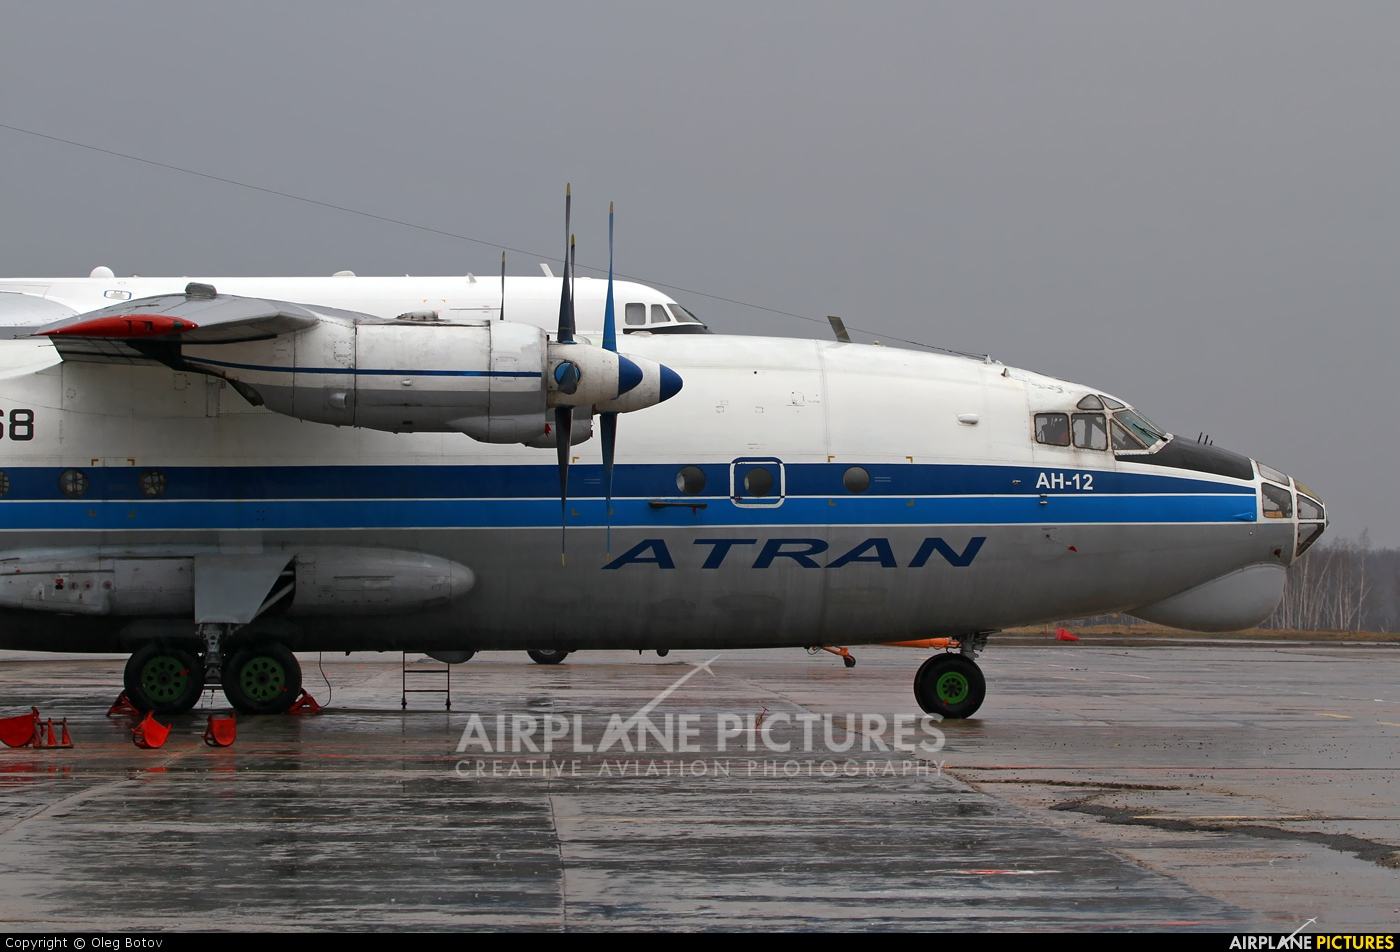 Atran RA-11868 aircraft at Moscow - Domodedovo